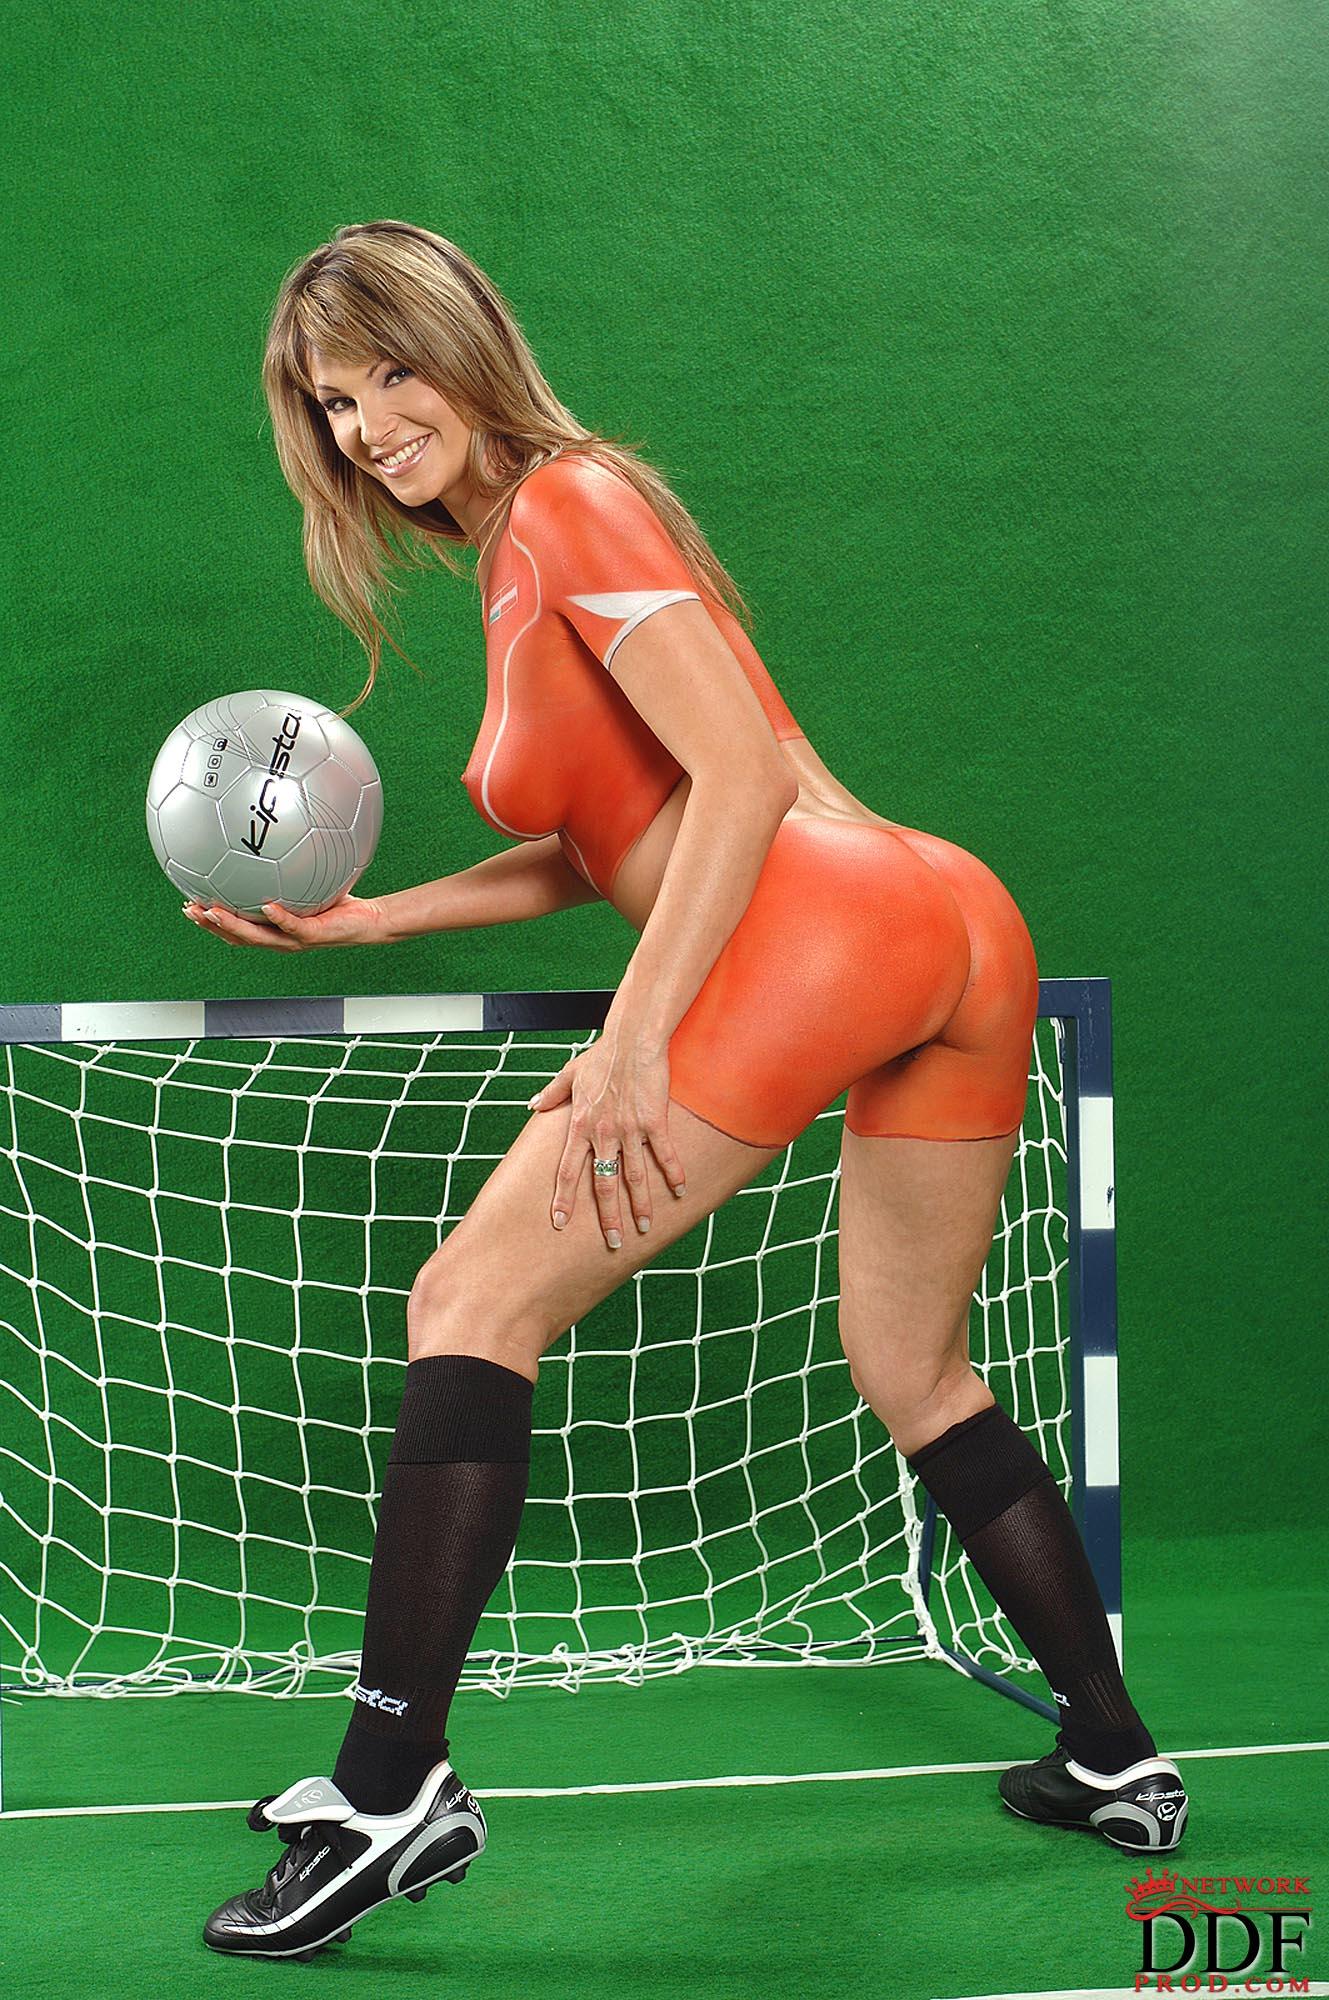 golie-igrayut-v-futbol